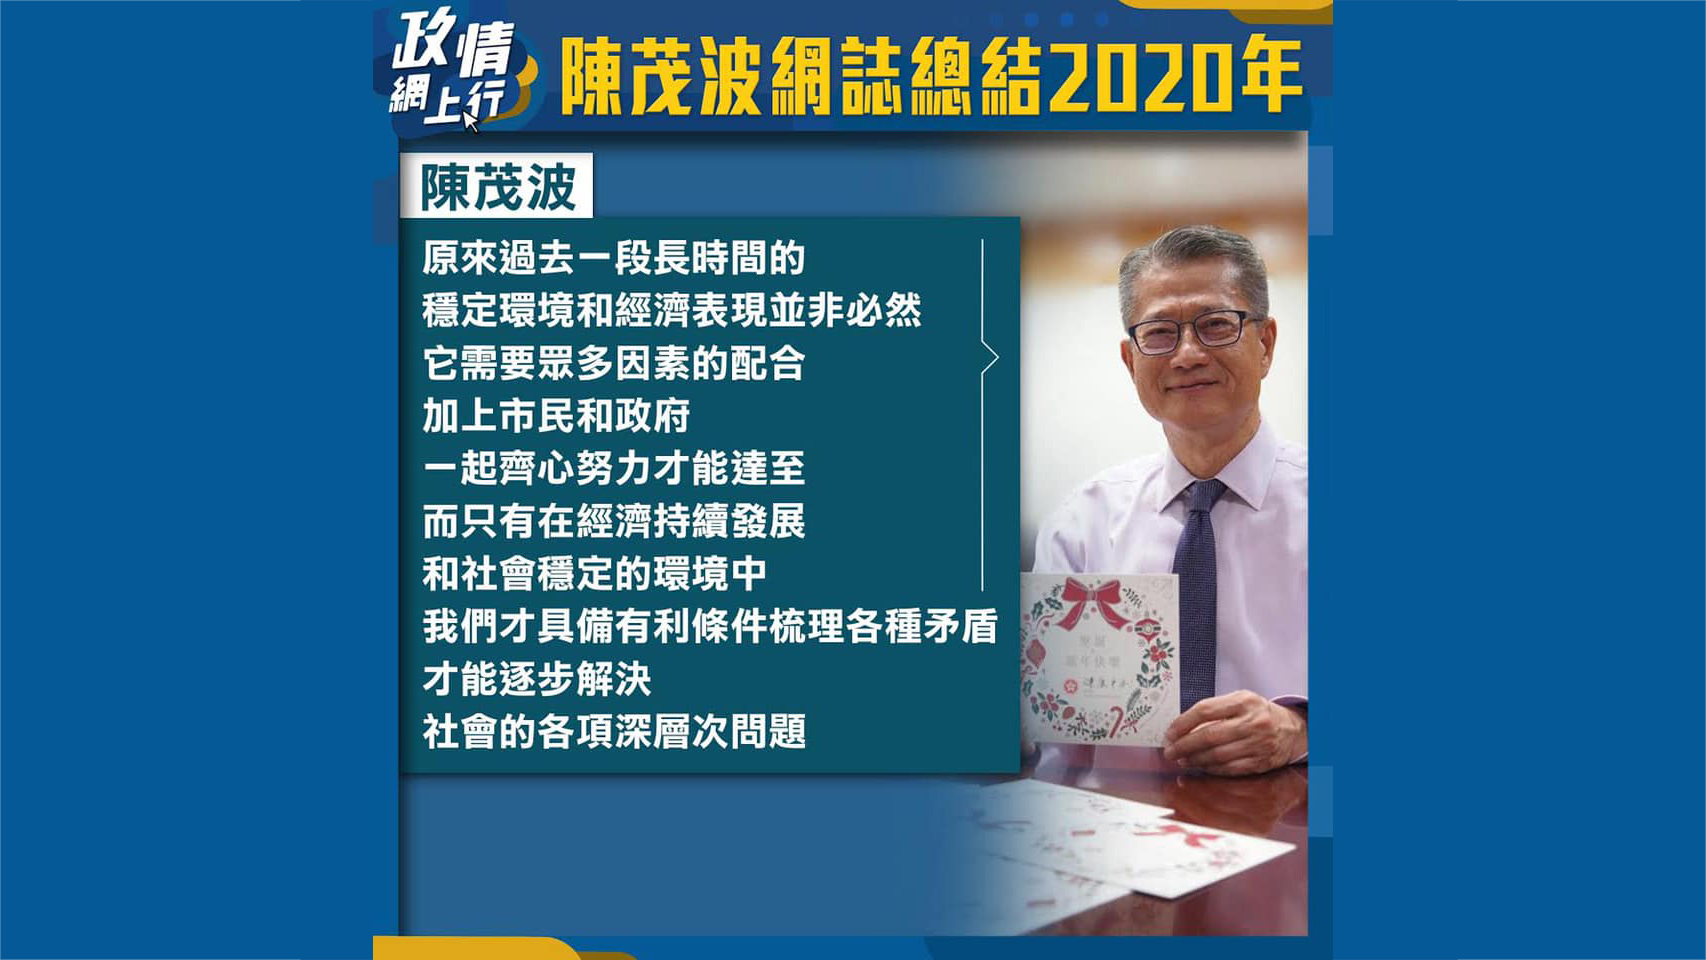 【政情網上行】陳茂波網誌總結2020年